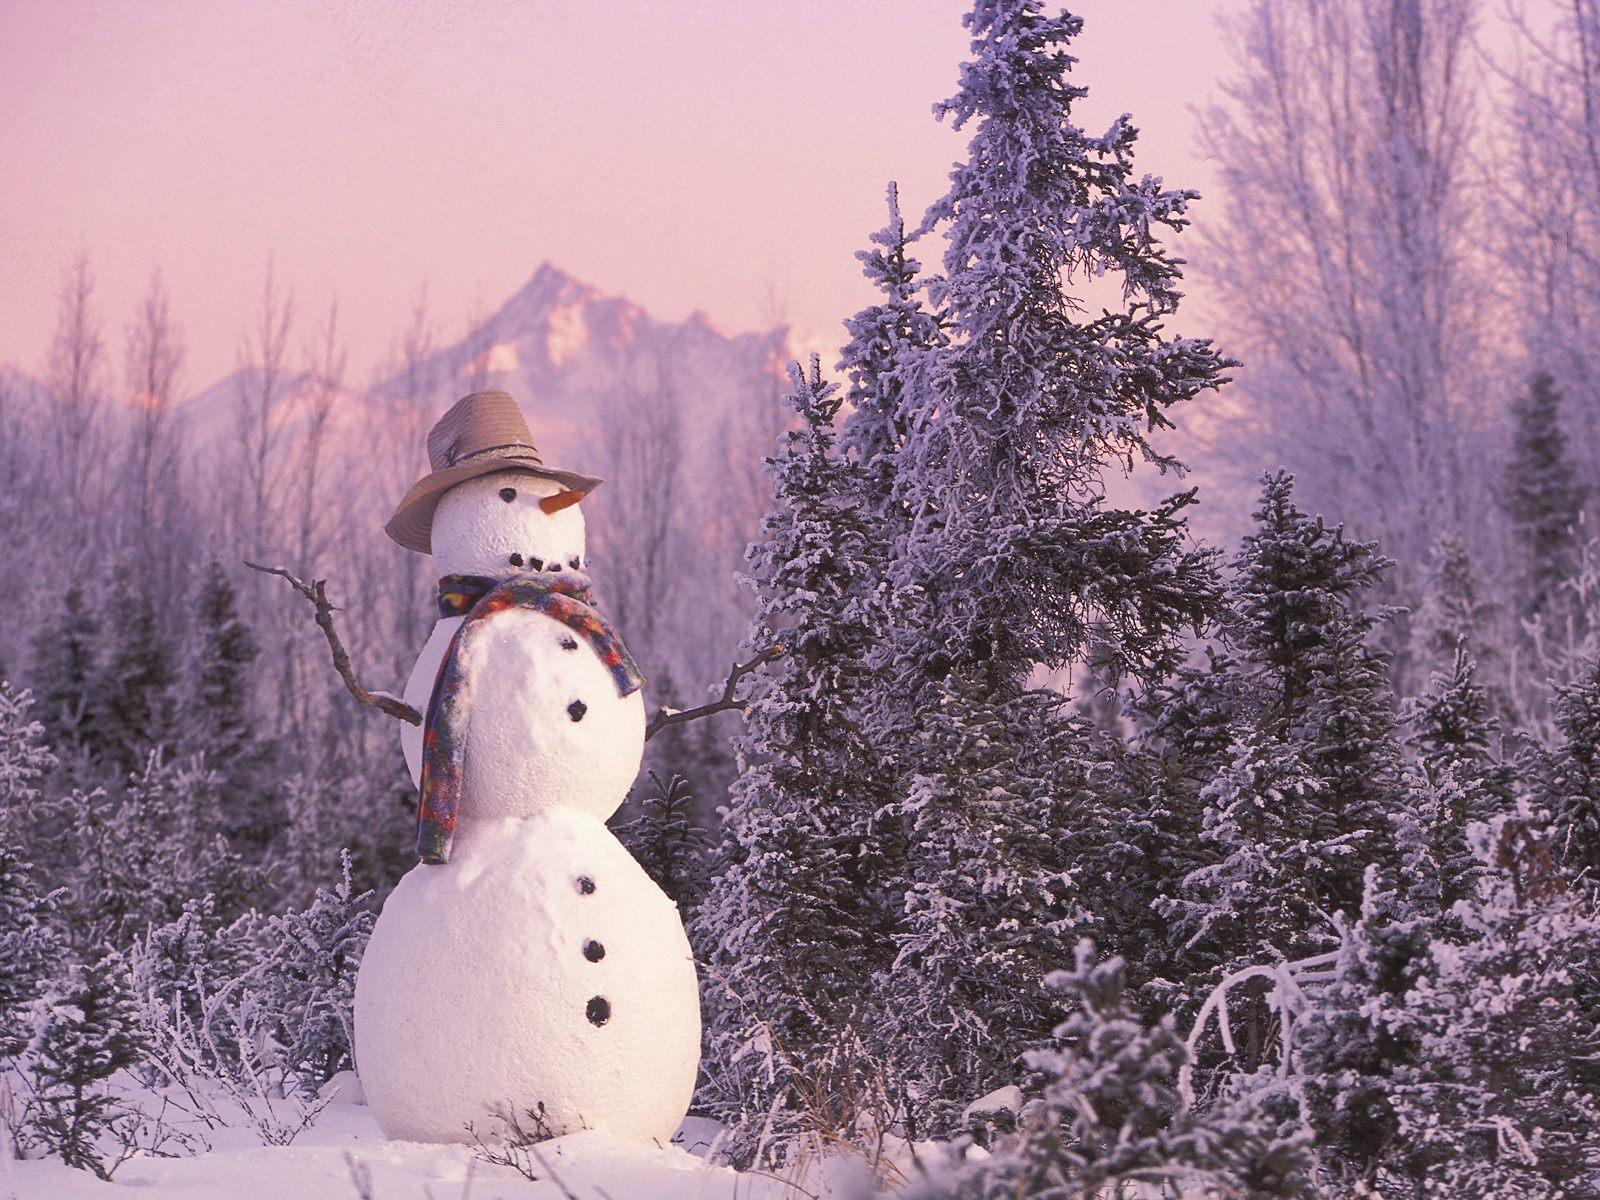 クリスマス〜年末にかけてのあなたの運勢は?! (四柱推命編)